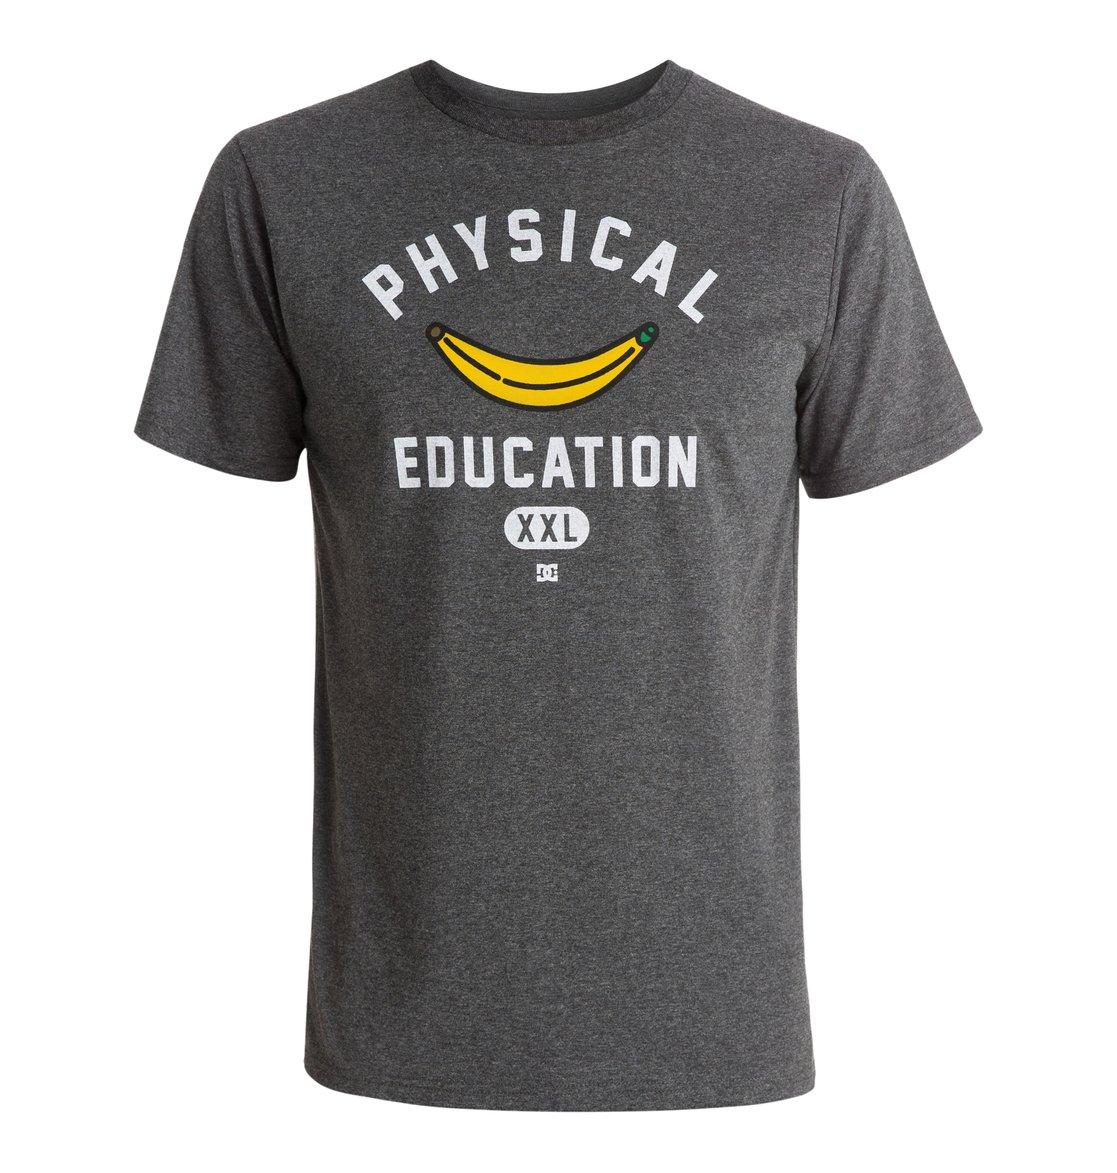 Здесь можно купить   Physed - T-Shirt Новые поступления